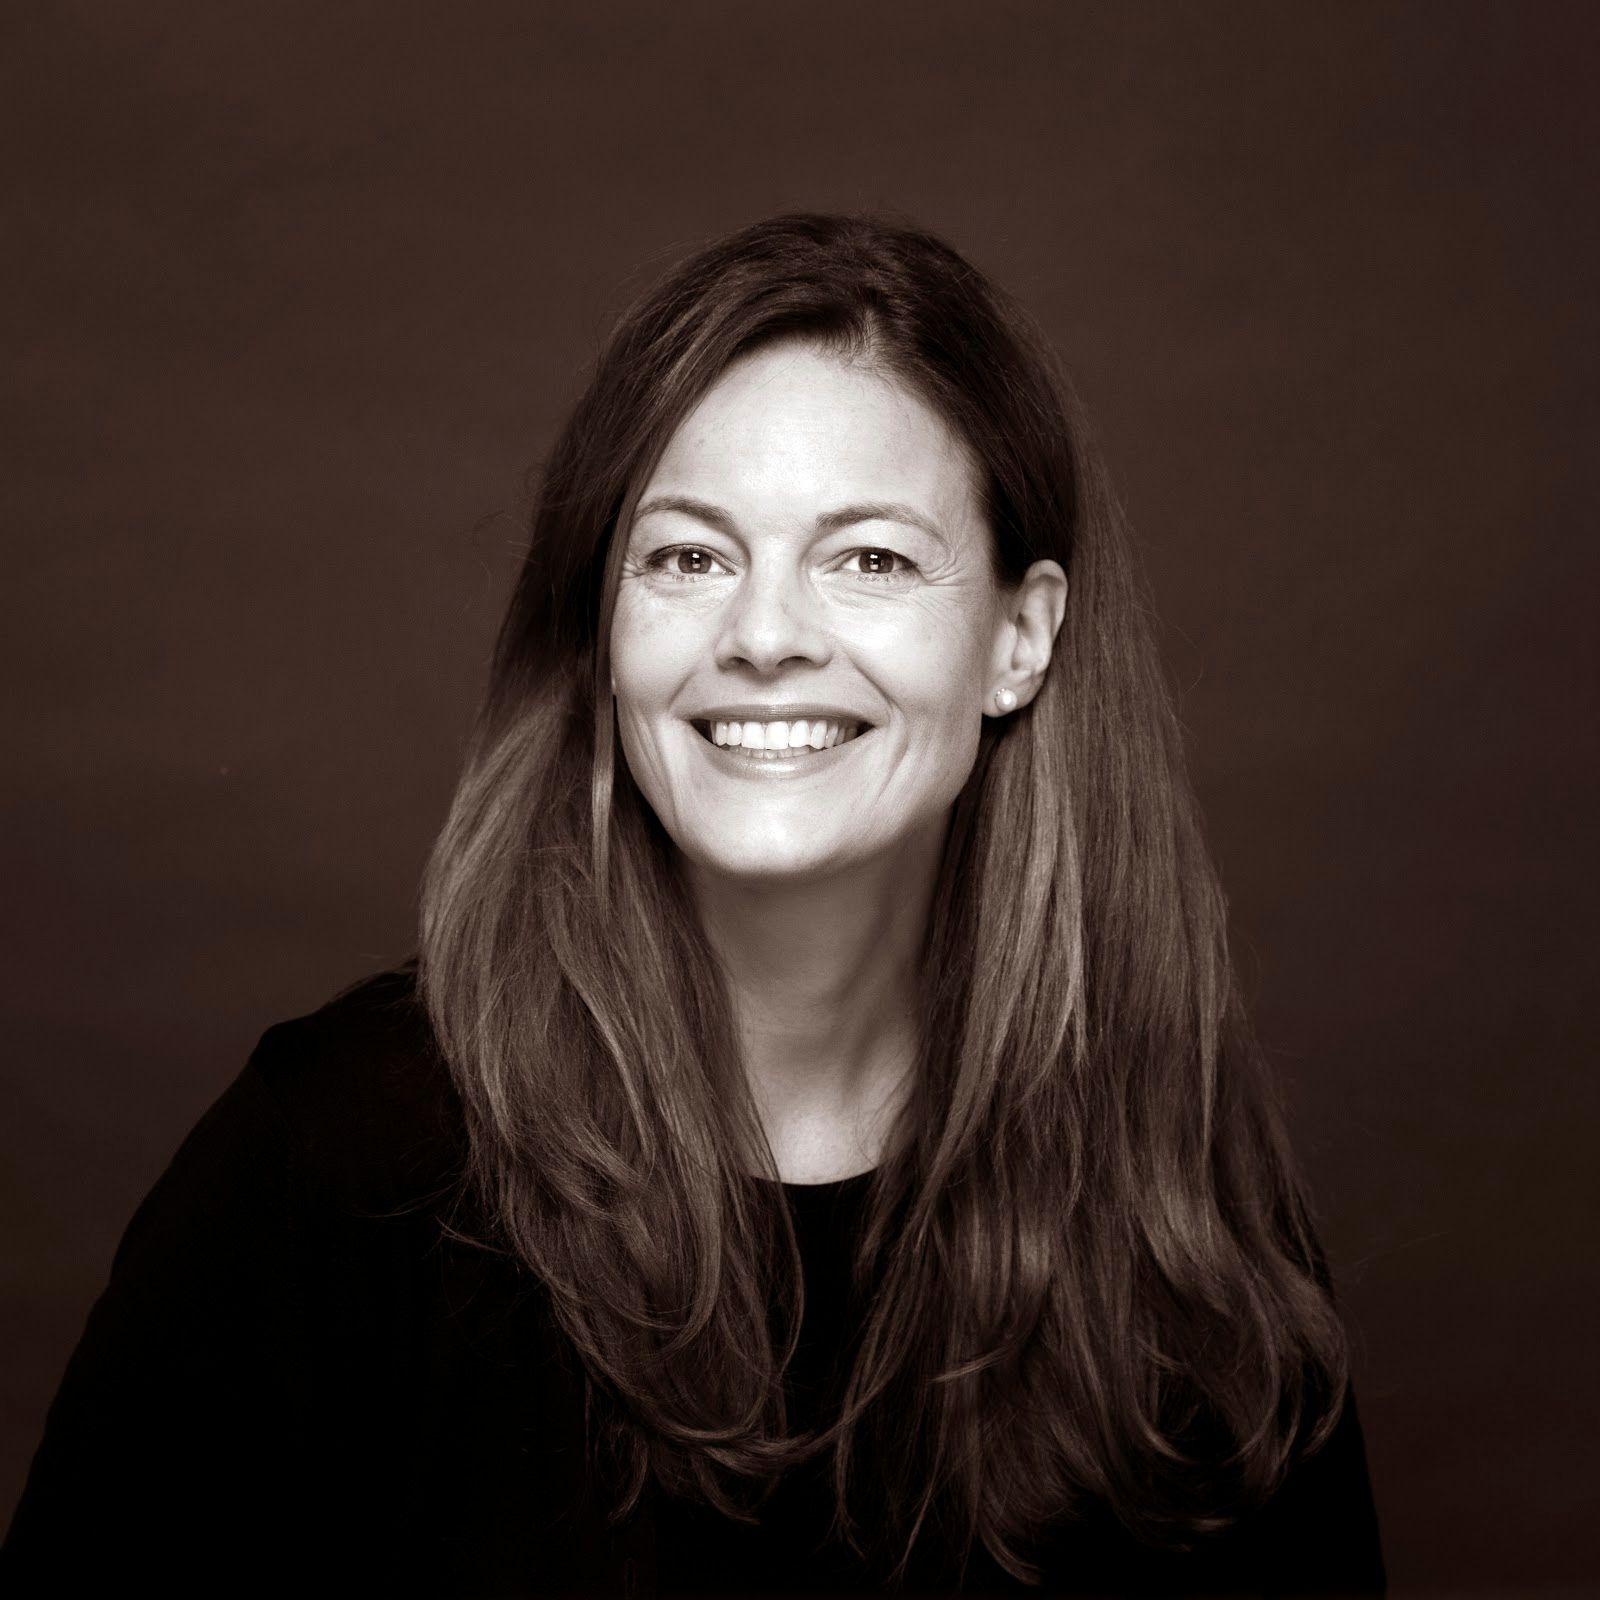 Headshot of Carolina Laudon.